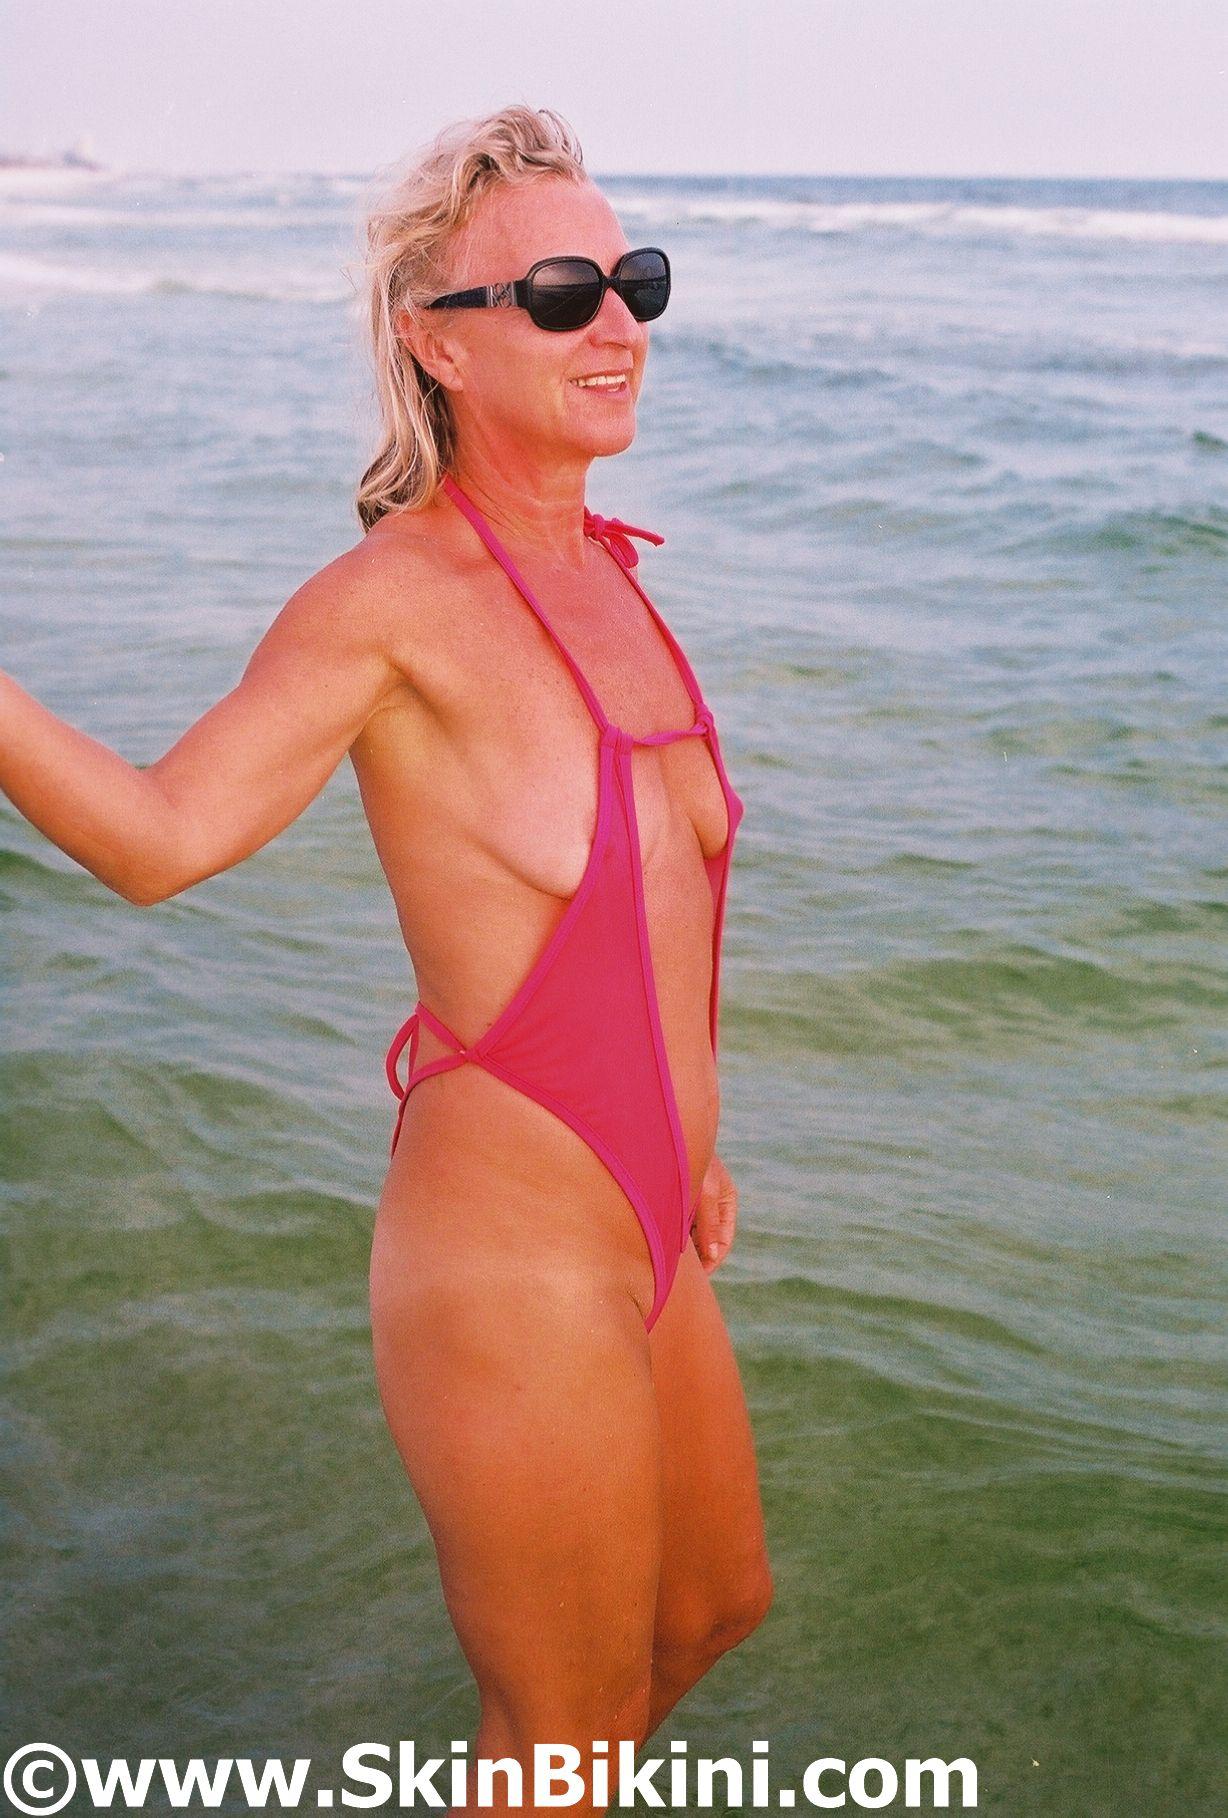 skinbikini.com customer in sexy see-thru hot pink monokini